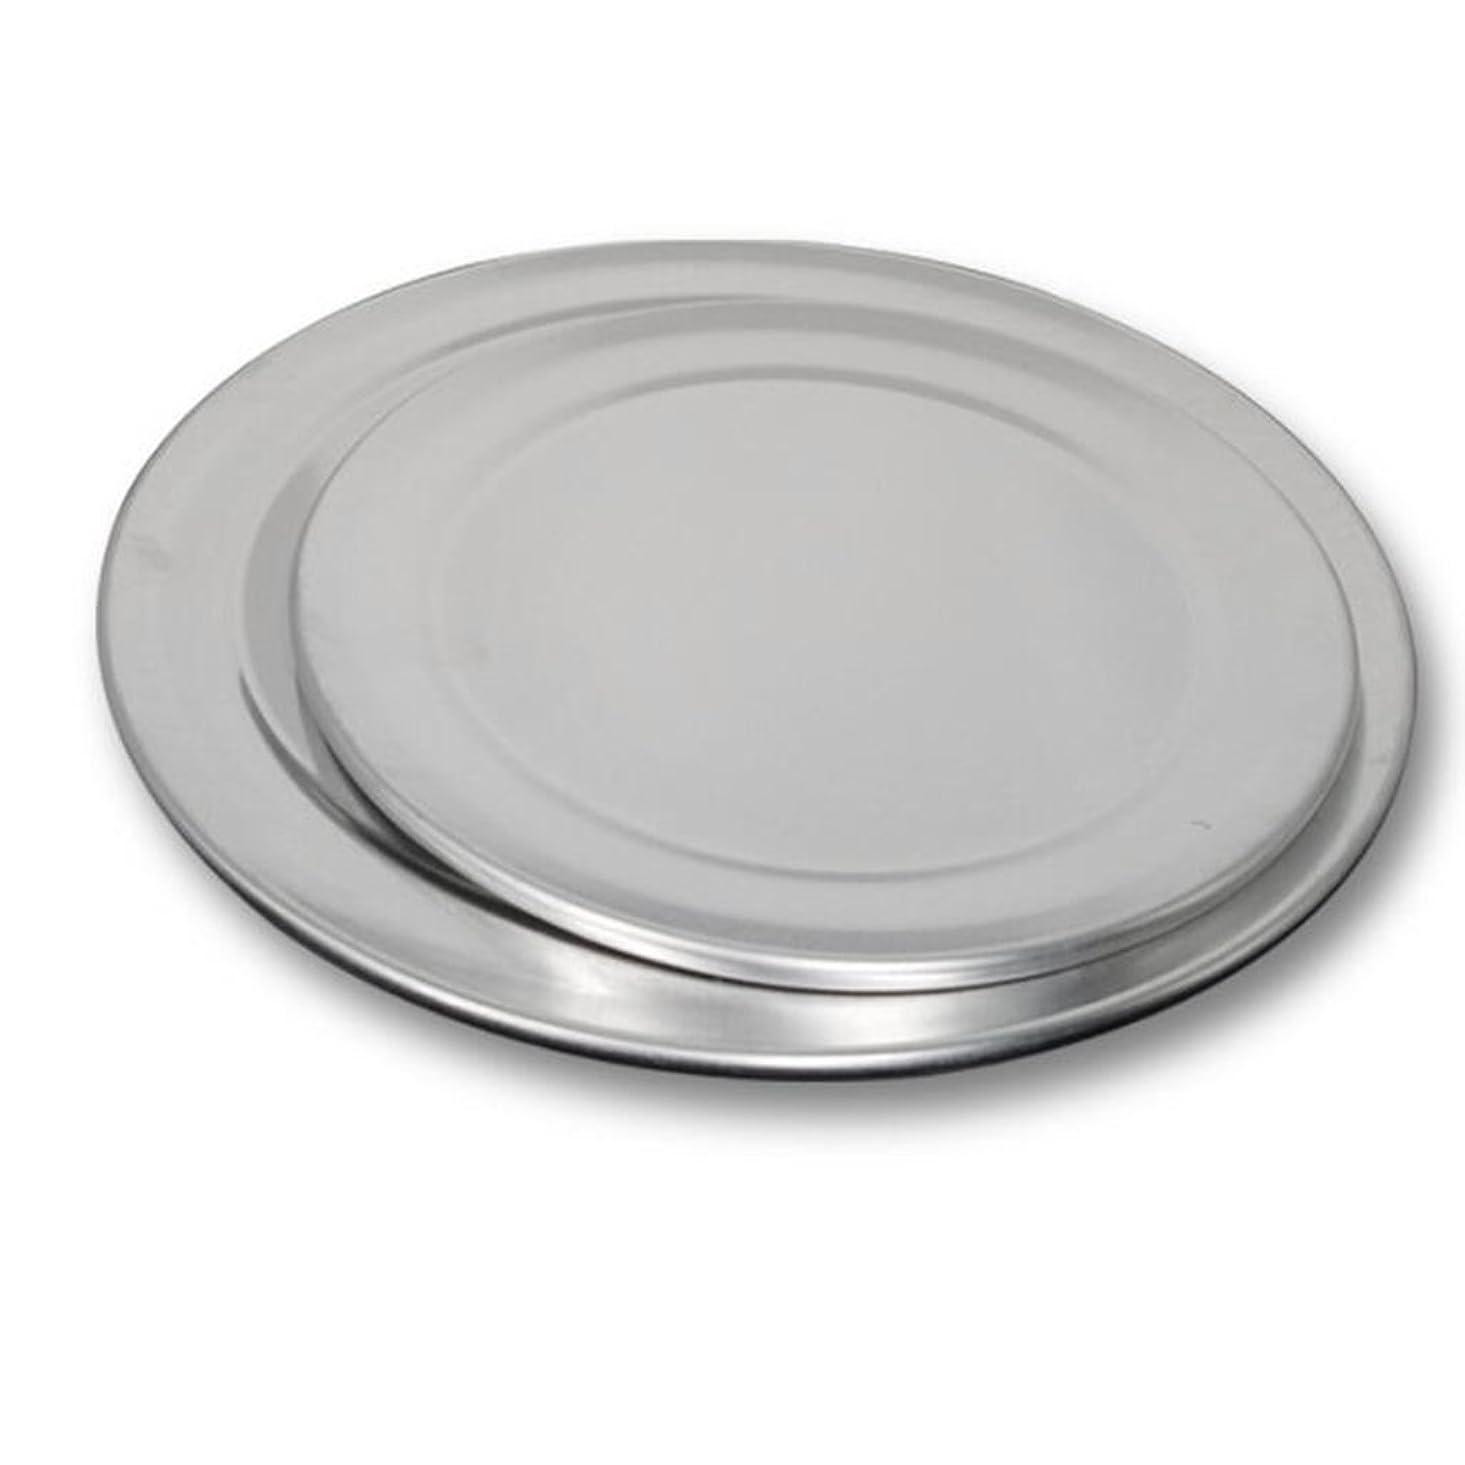 ダルセット大砲リスキーなピザトレイ ラウンド ピザプレート キッチン 耐熱皿 円形 アルミニウム 12インチ+8インチ 2個セット